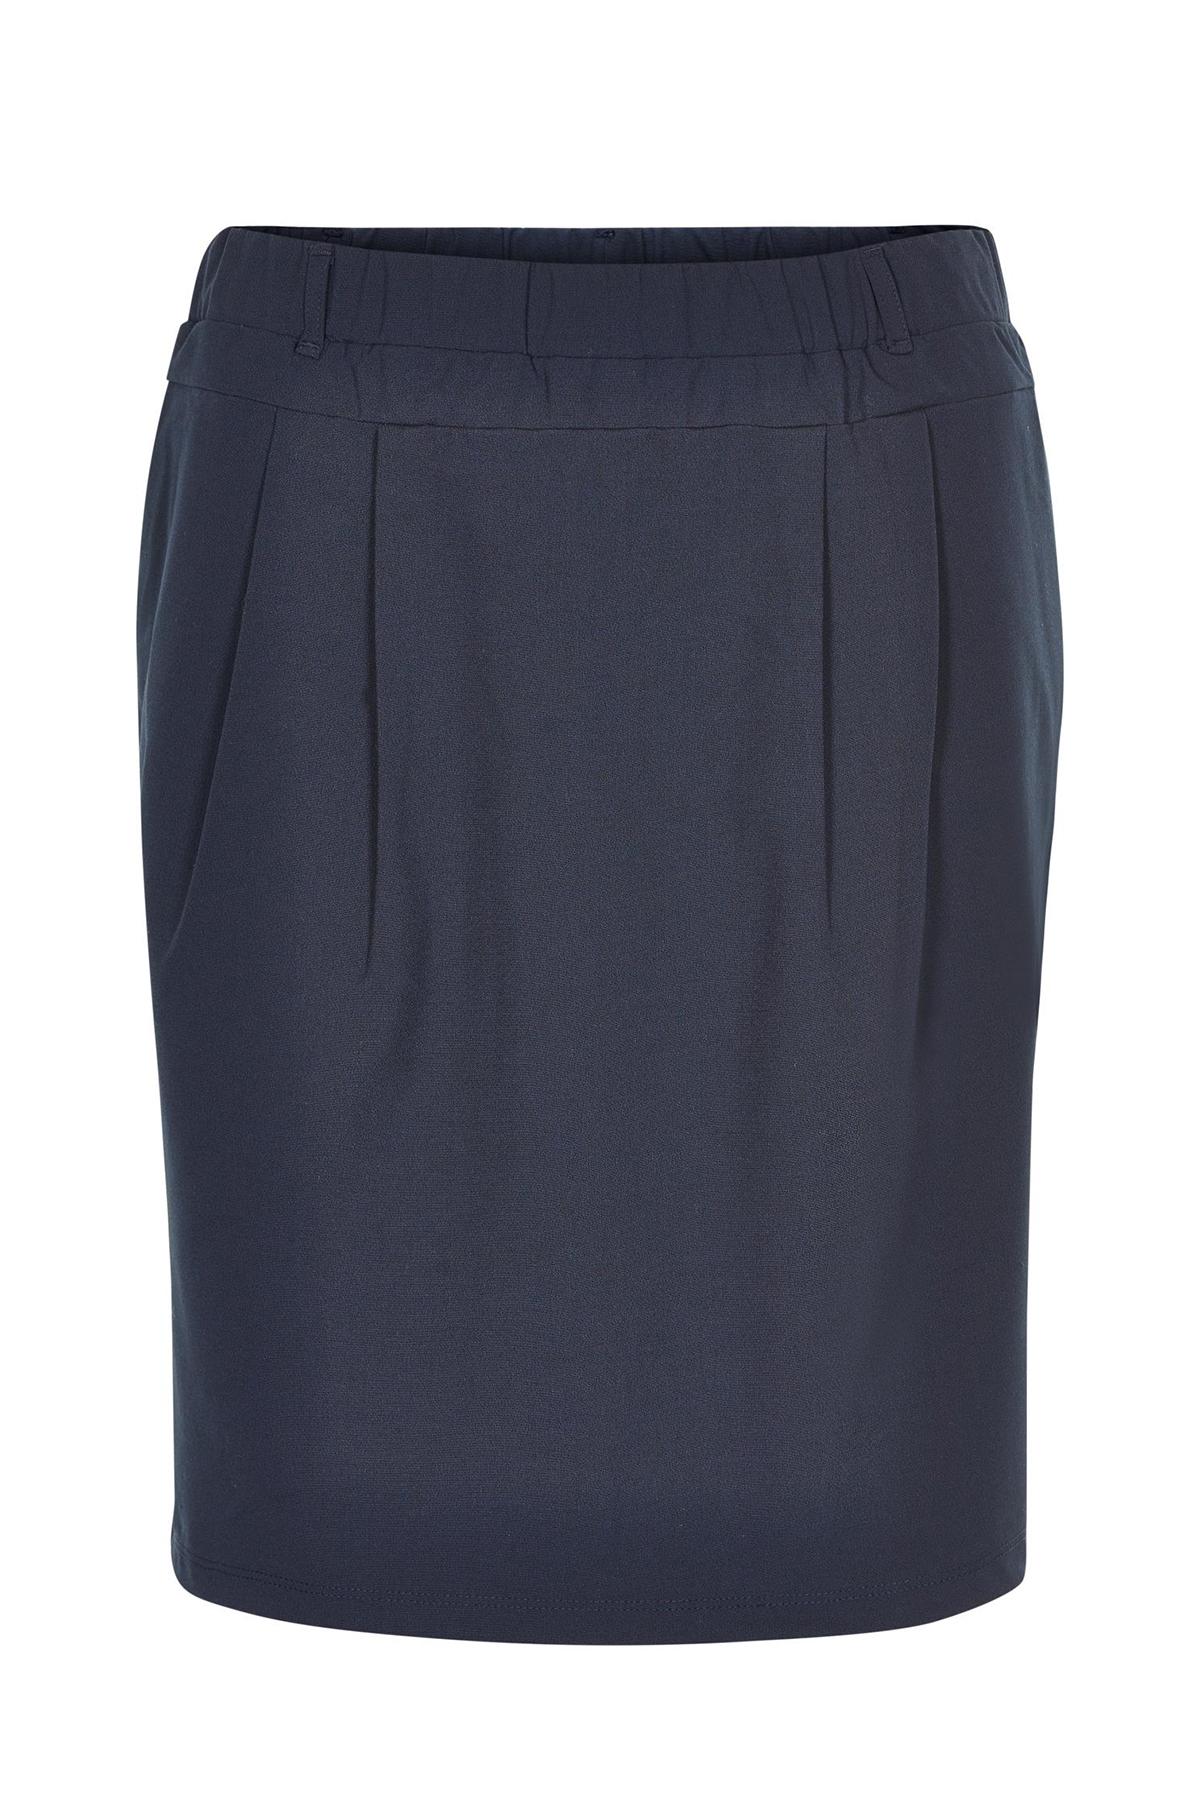 Marineblå Nederdele fra Kaffe – Køb Marineblå Nederdele fra str. 32-46 her